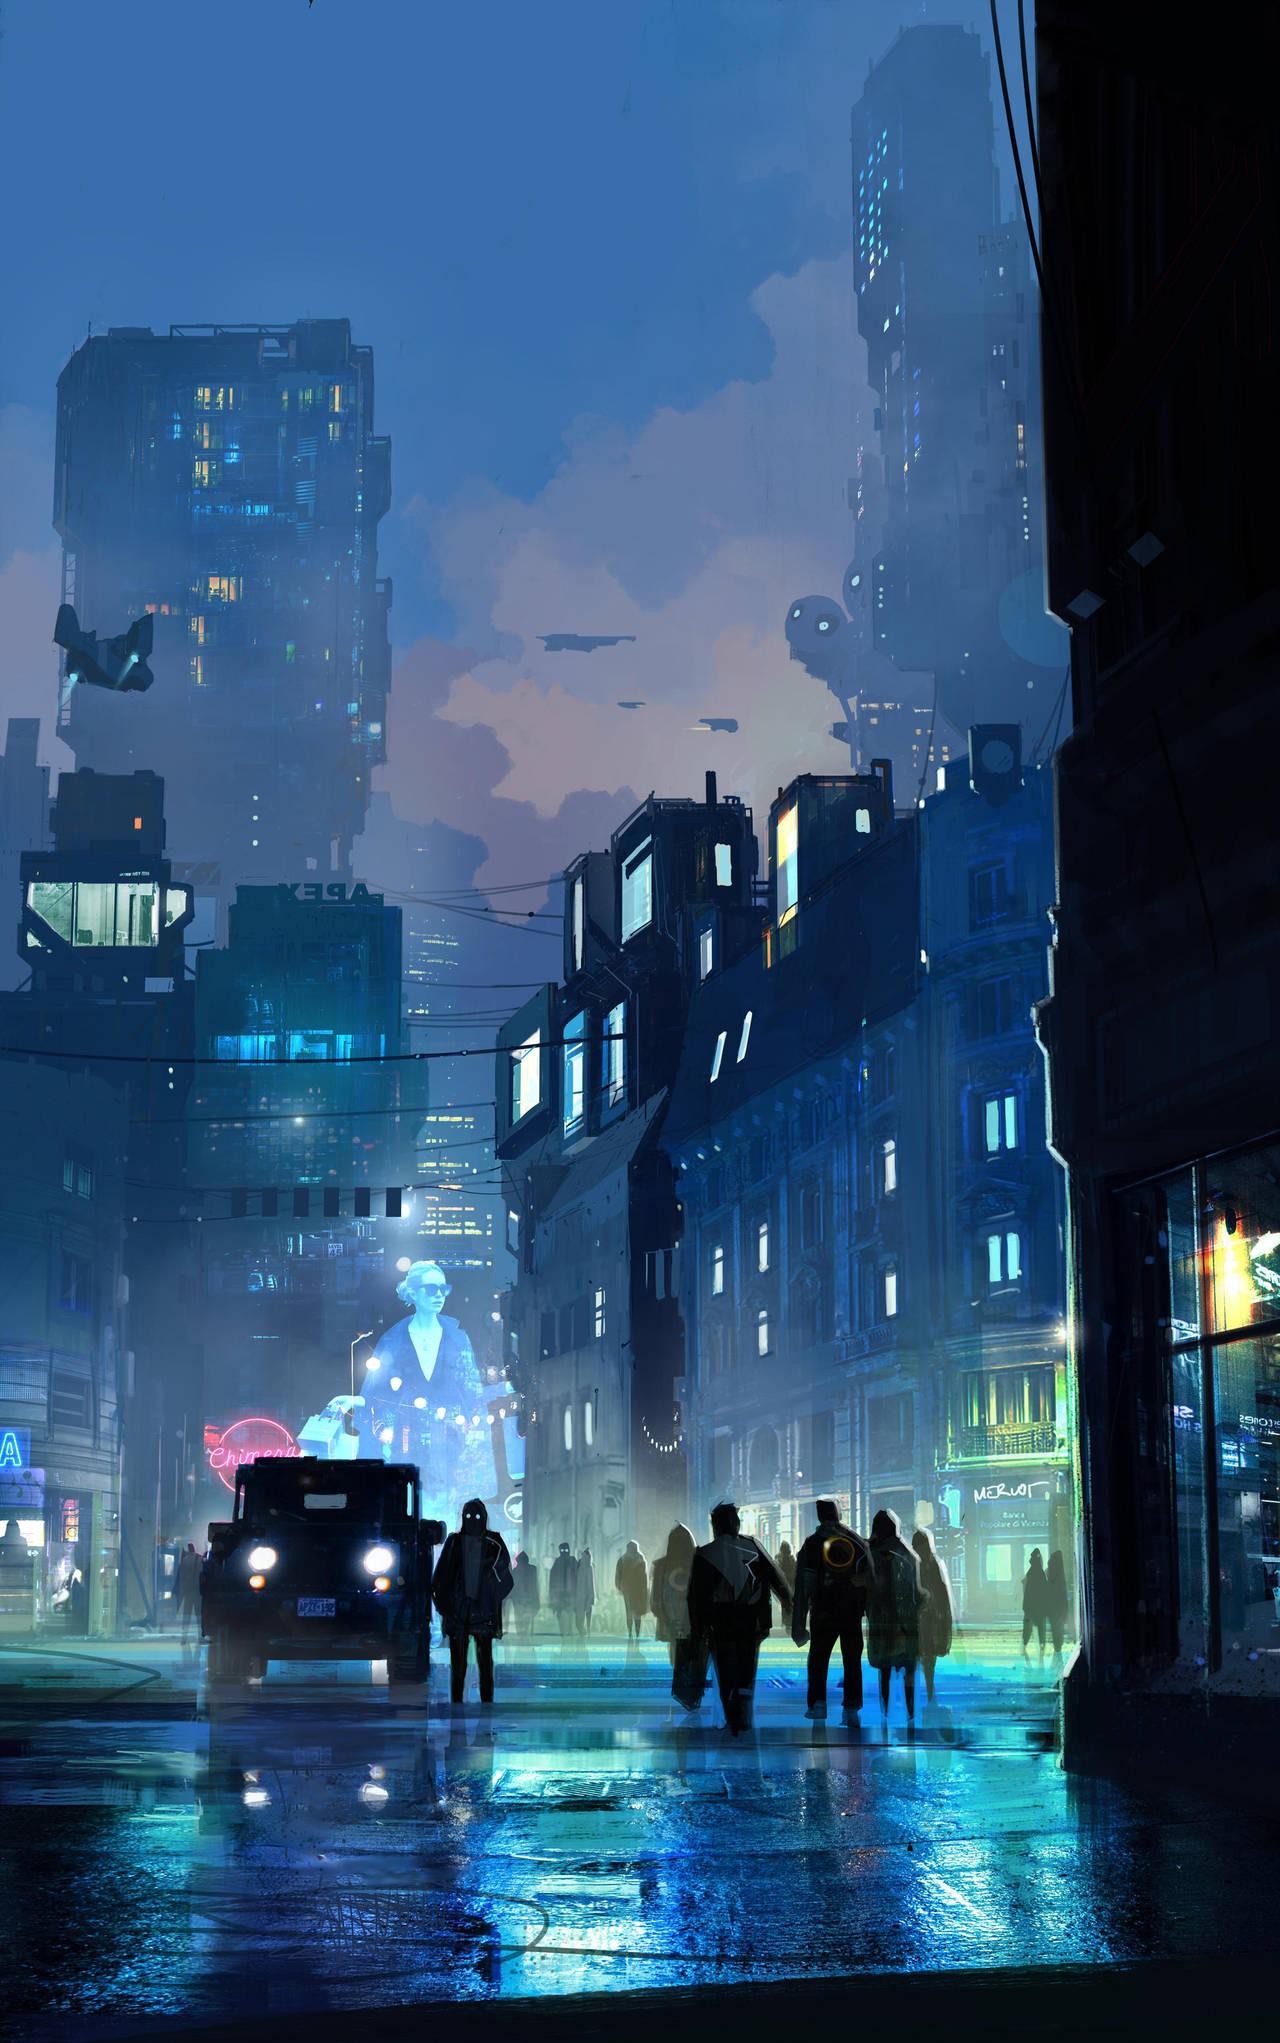 Neonstreet by sketchboook